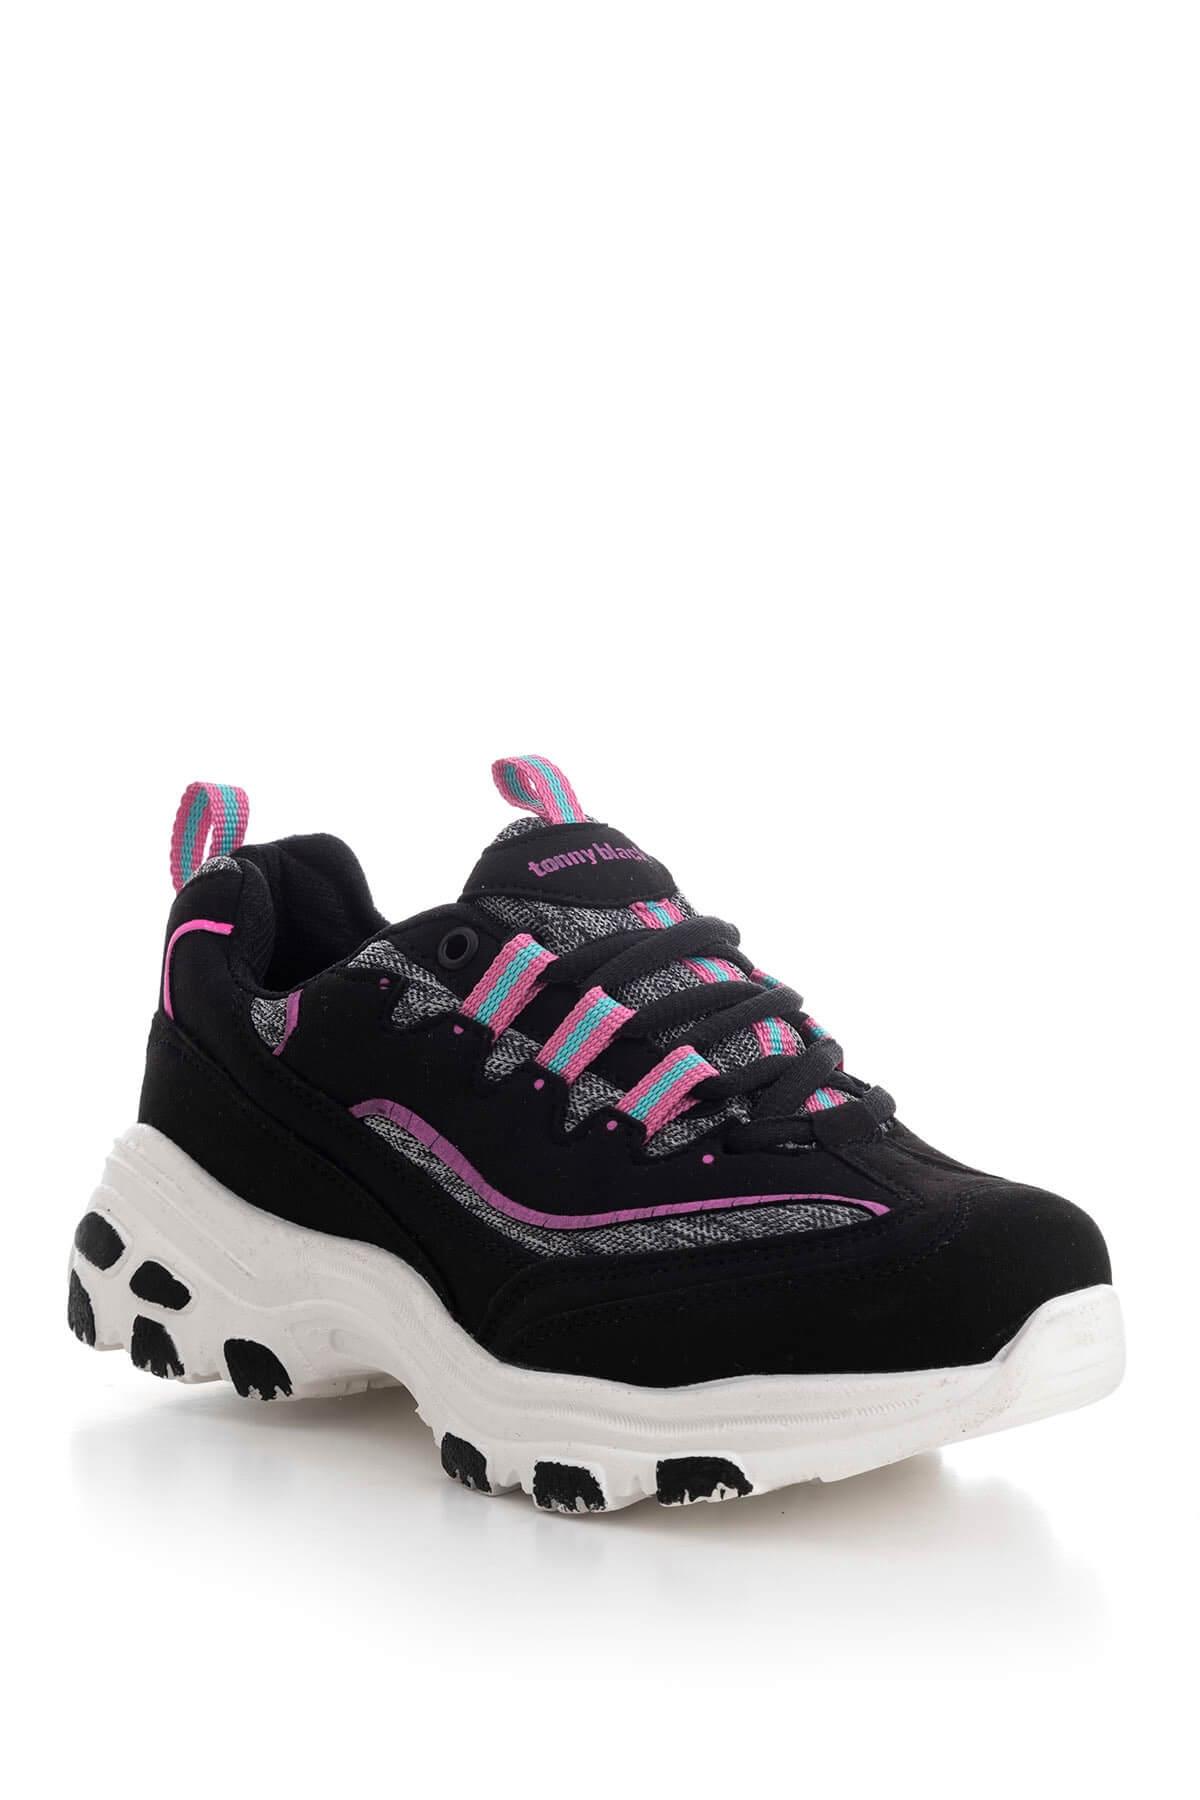 tommy dolgu topuk spor ayakkabı